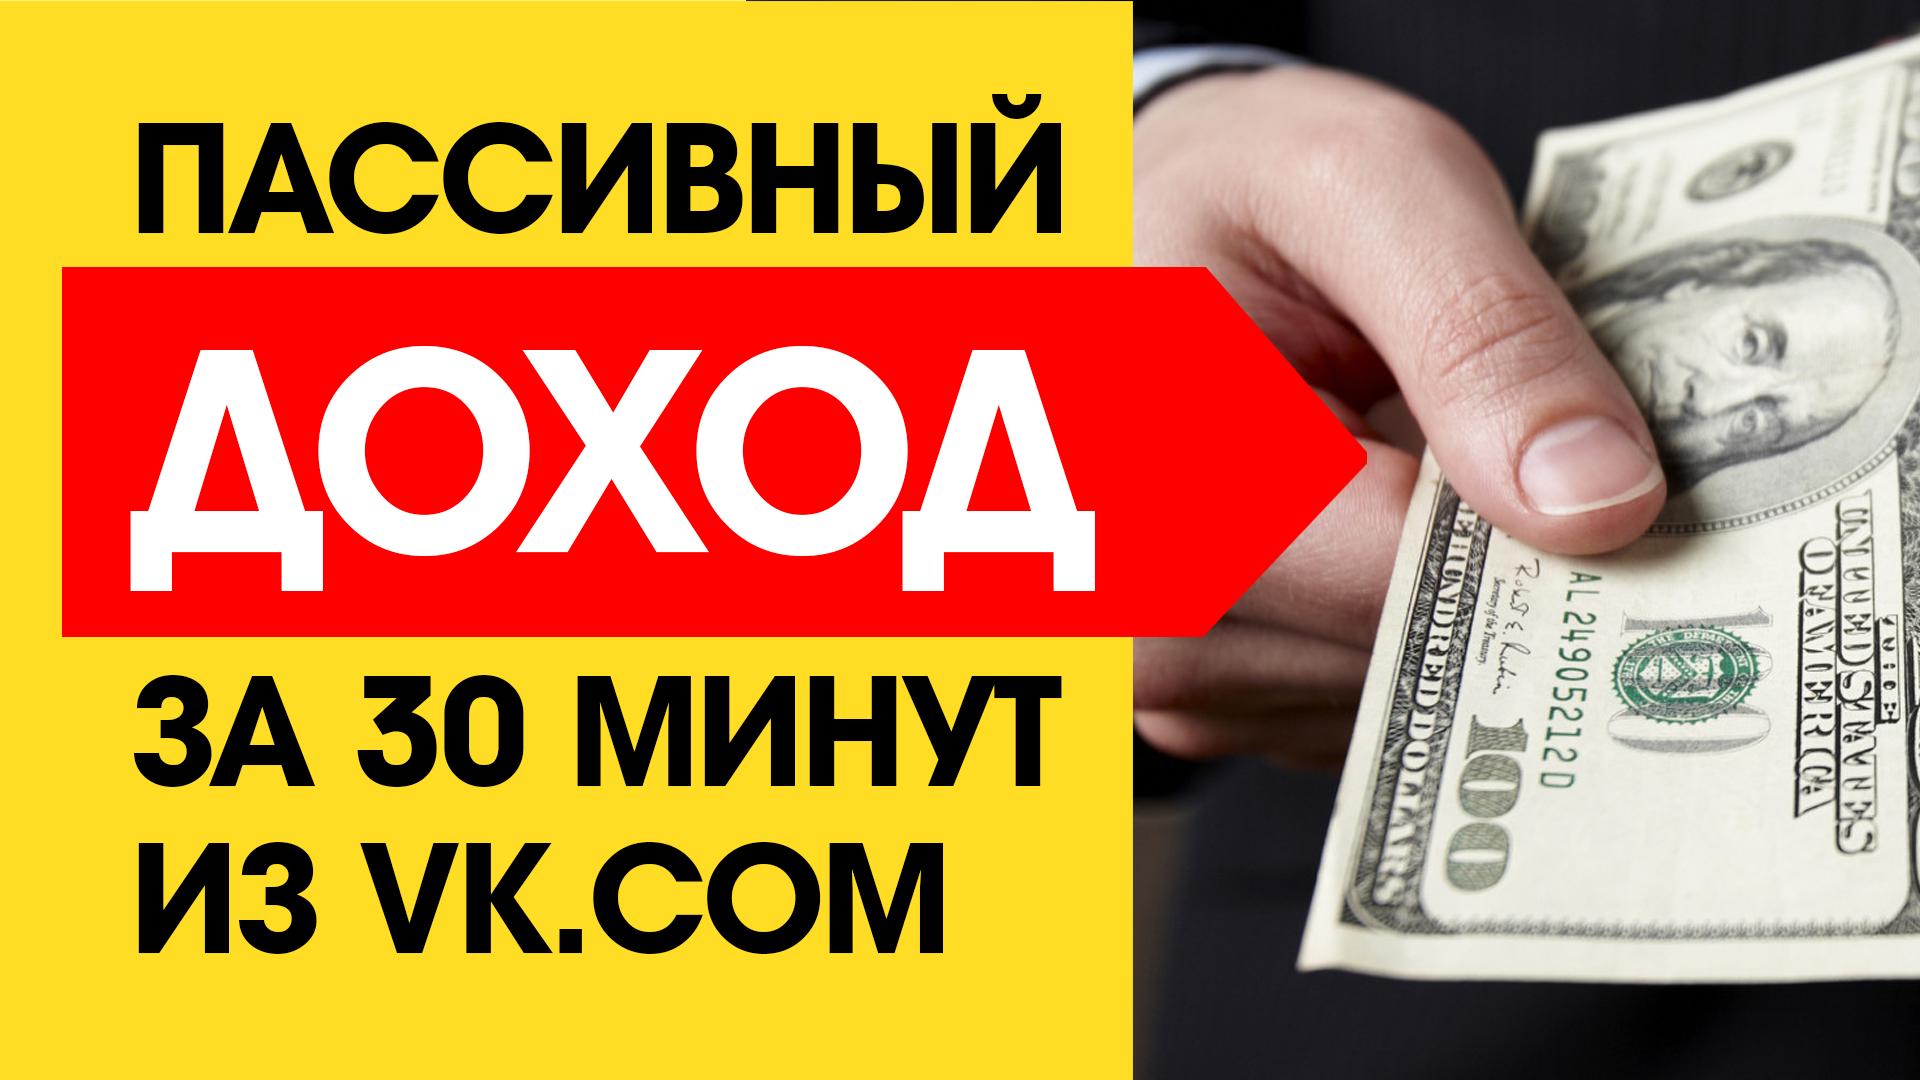 Как в интернет заработать пассивный доход прогноз на спорт vk